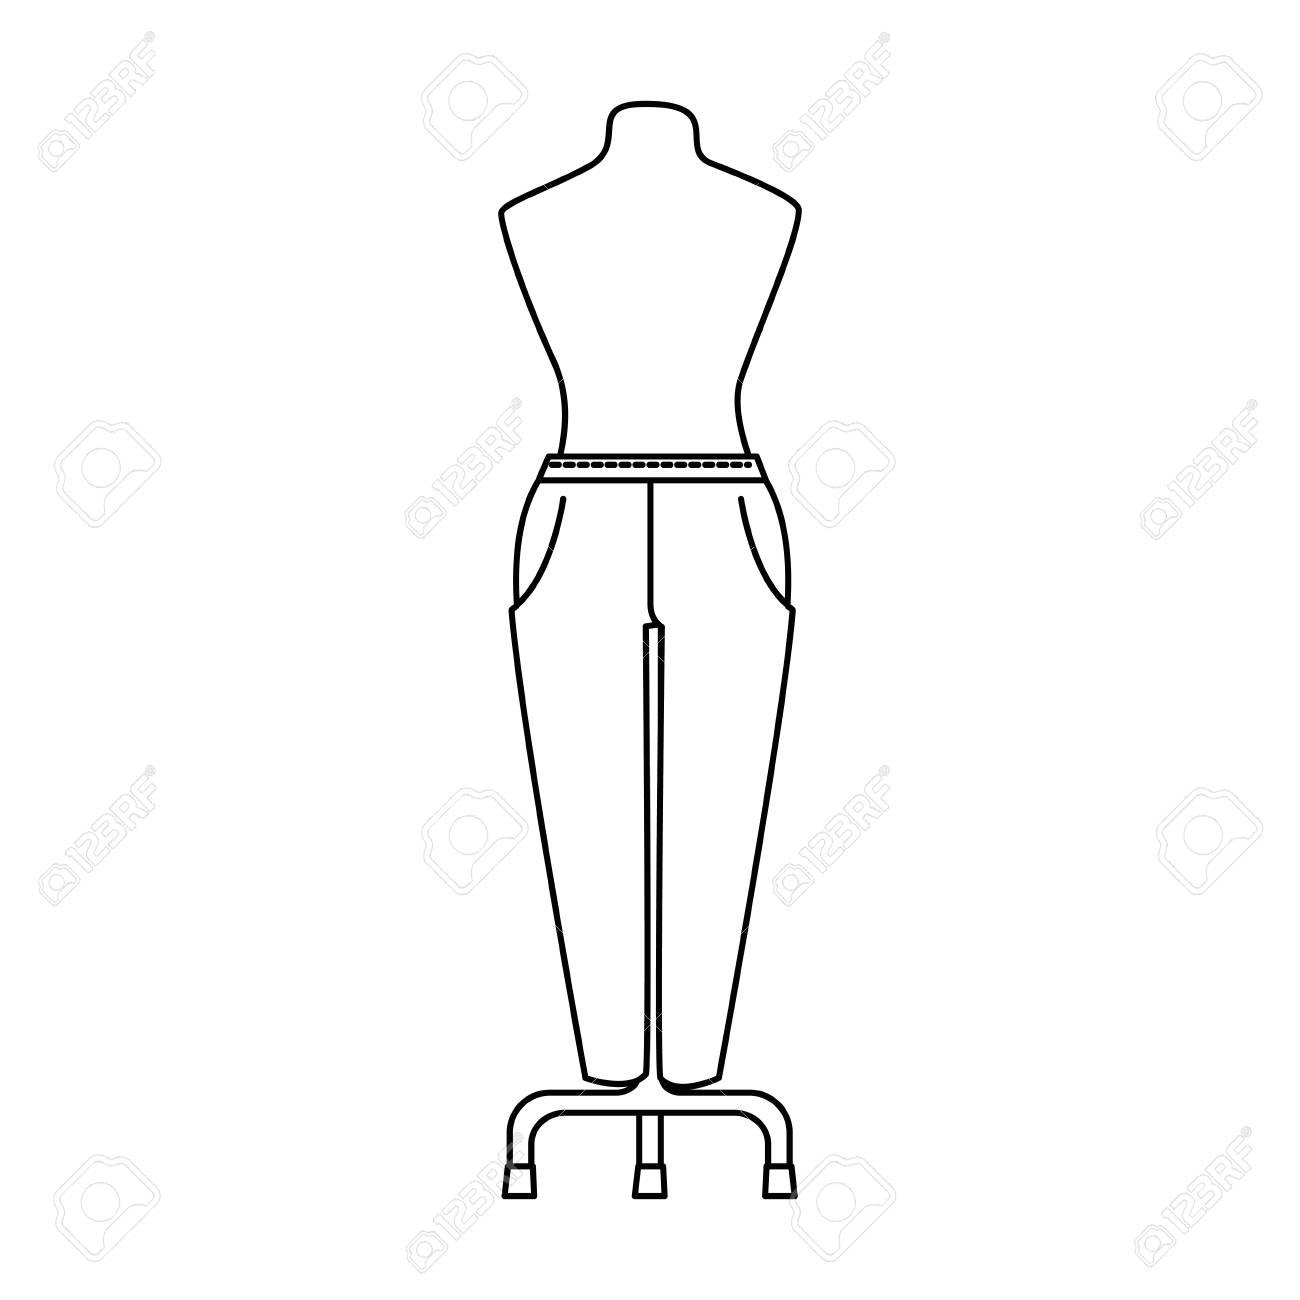 Pantalones Elegantes Para Mujeres En Maniqui Ilustracion Vectorial De Diseno Ilustraciones Vectoriales Clip Art Vectorizado Libre De Derechos Image 94113018